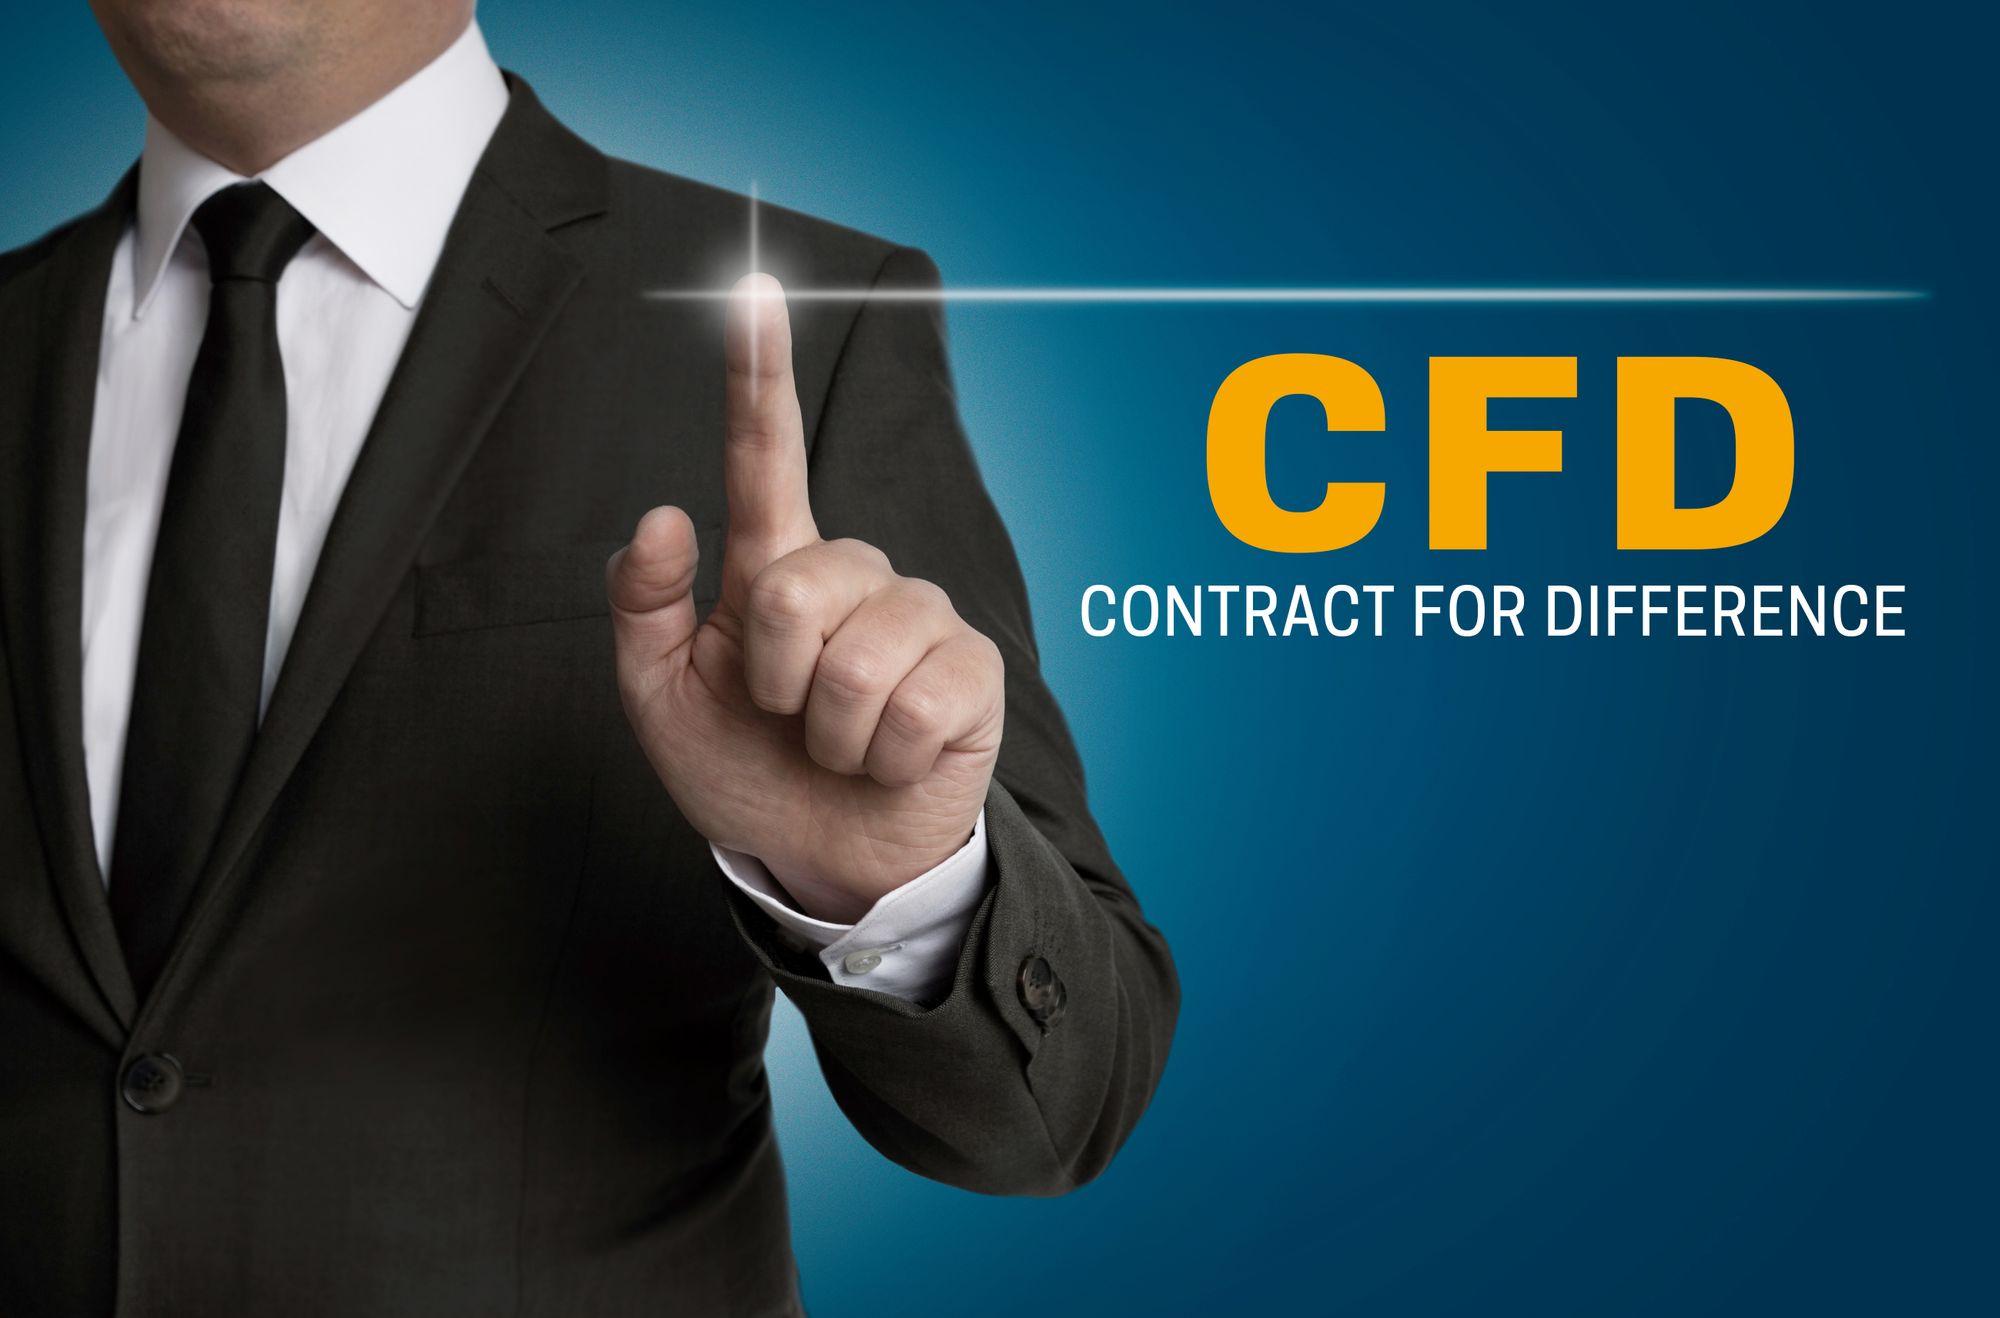 5月29日CFD交易时间改变